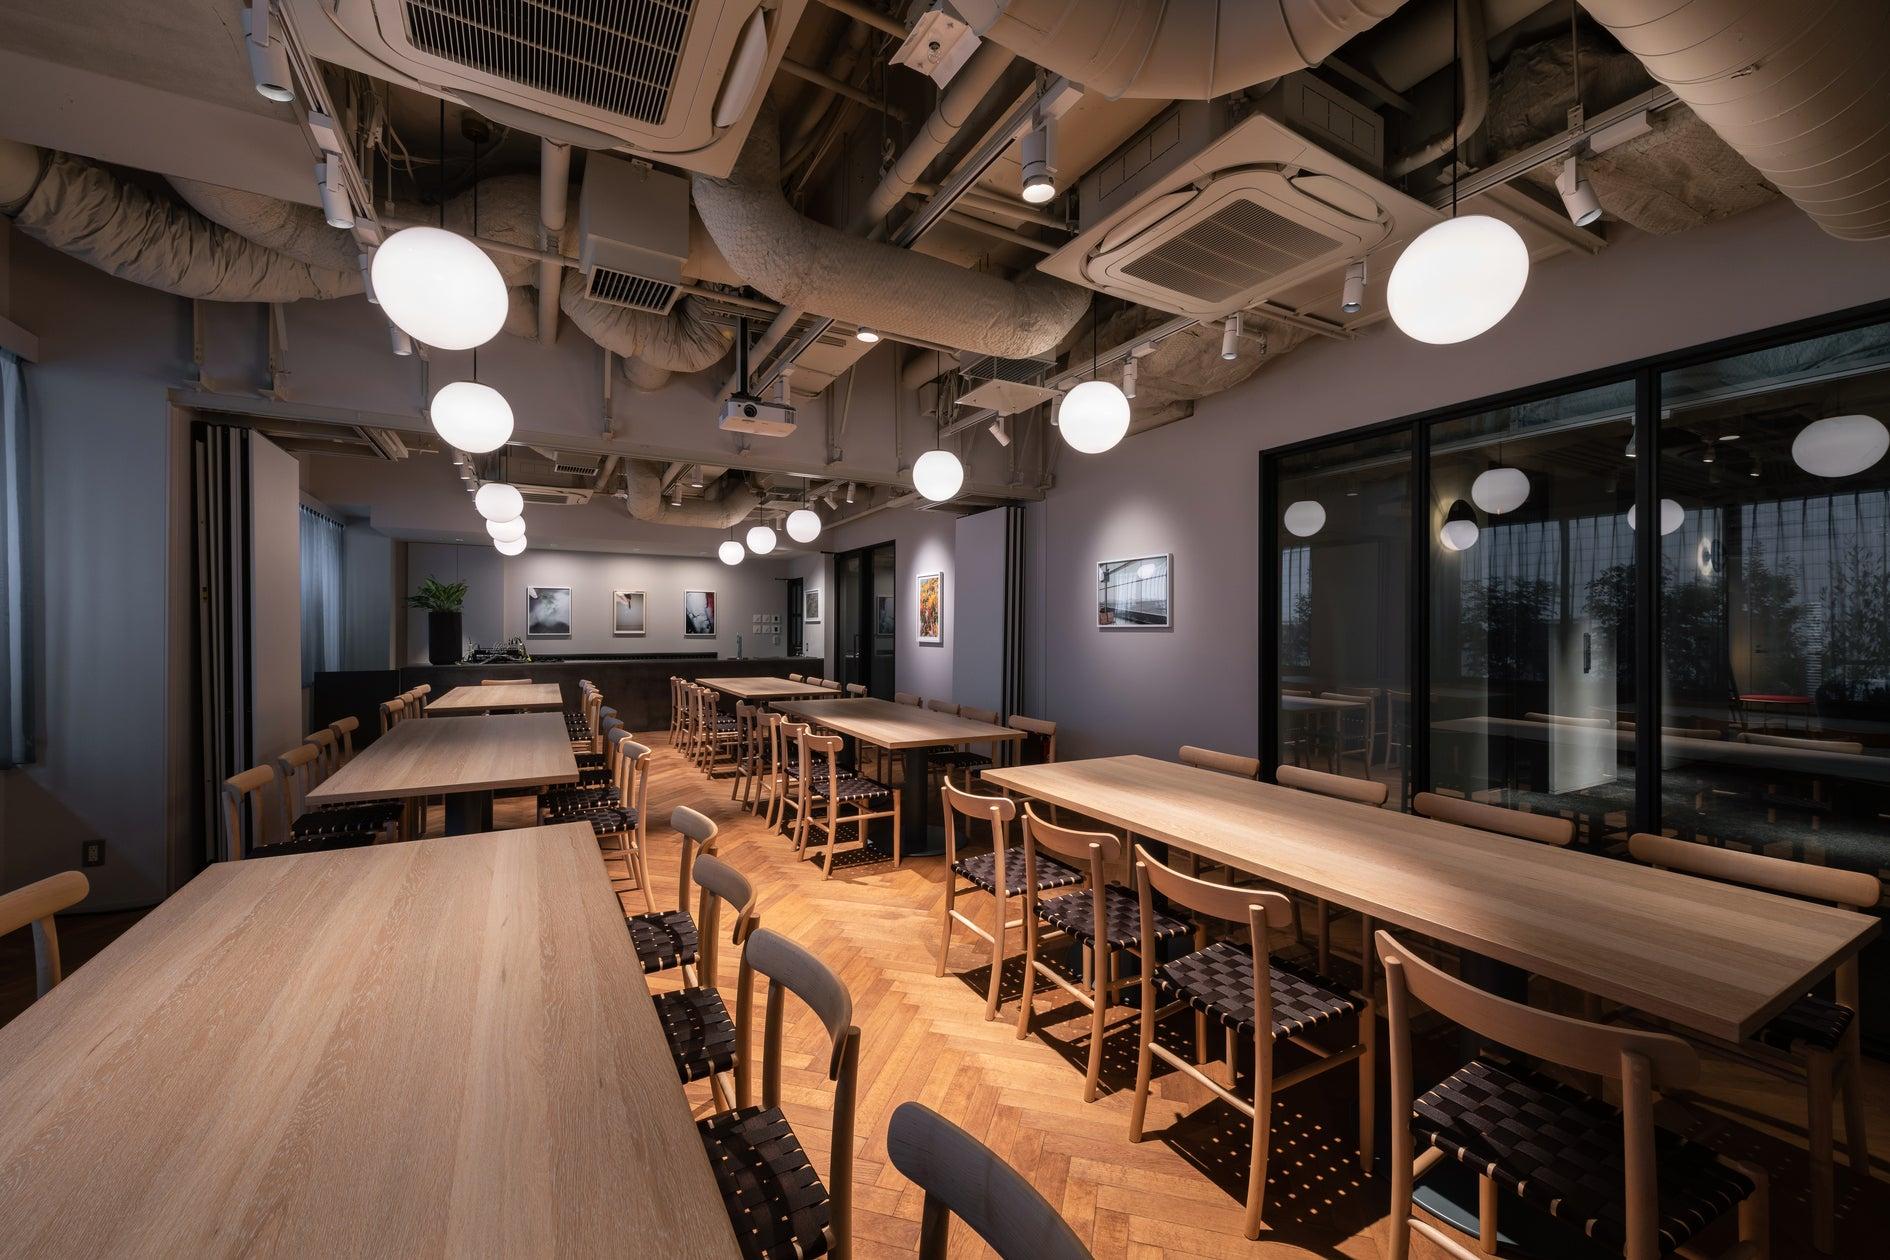 THE KNOT キッチン付きイベントスペース・パーティー・会議・セミナー・撮影などに! の写真